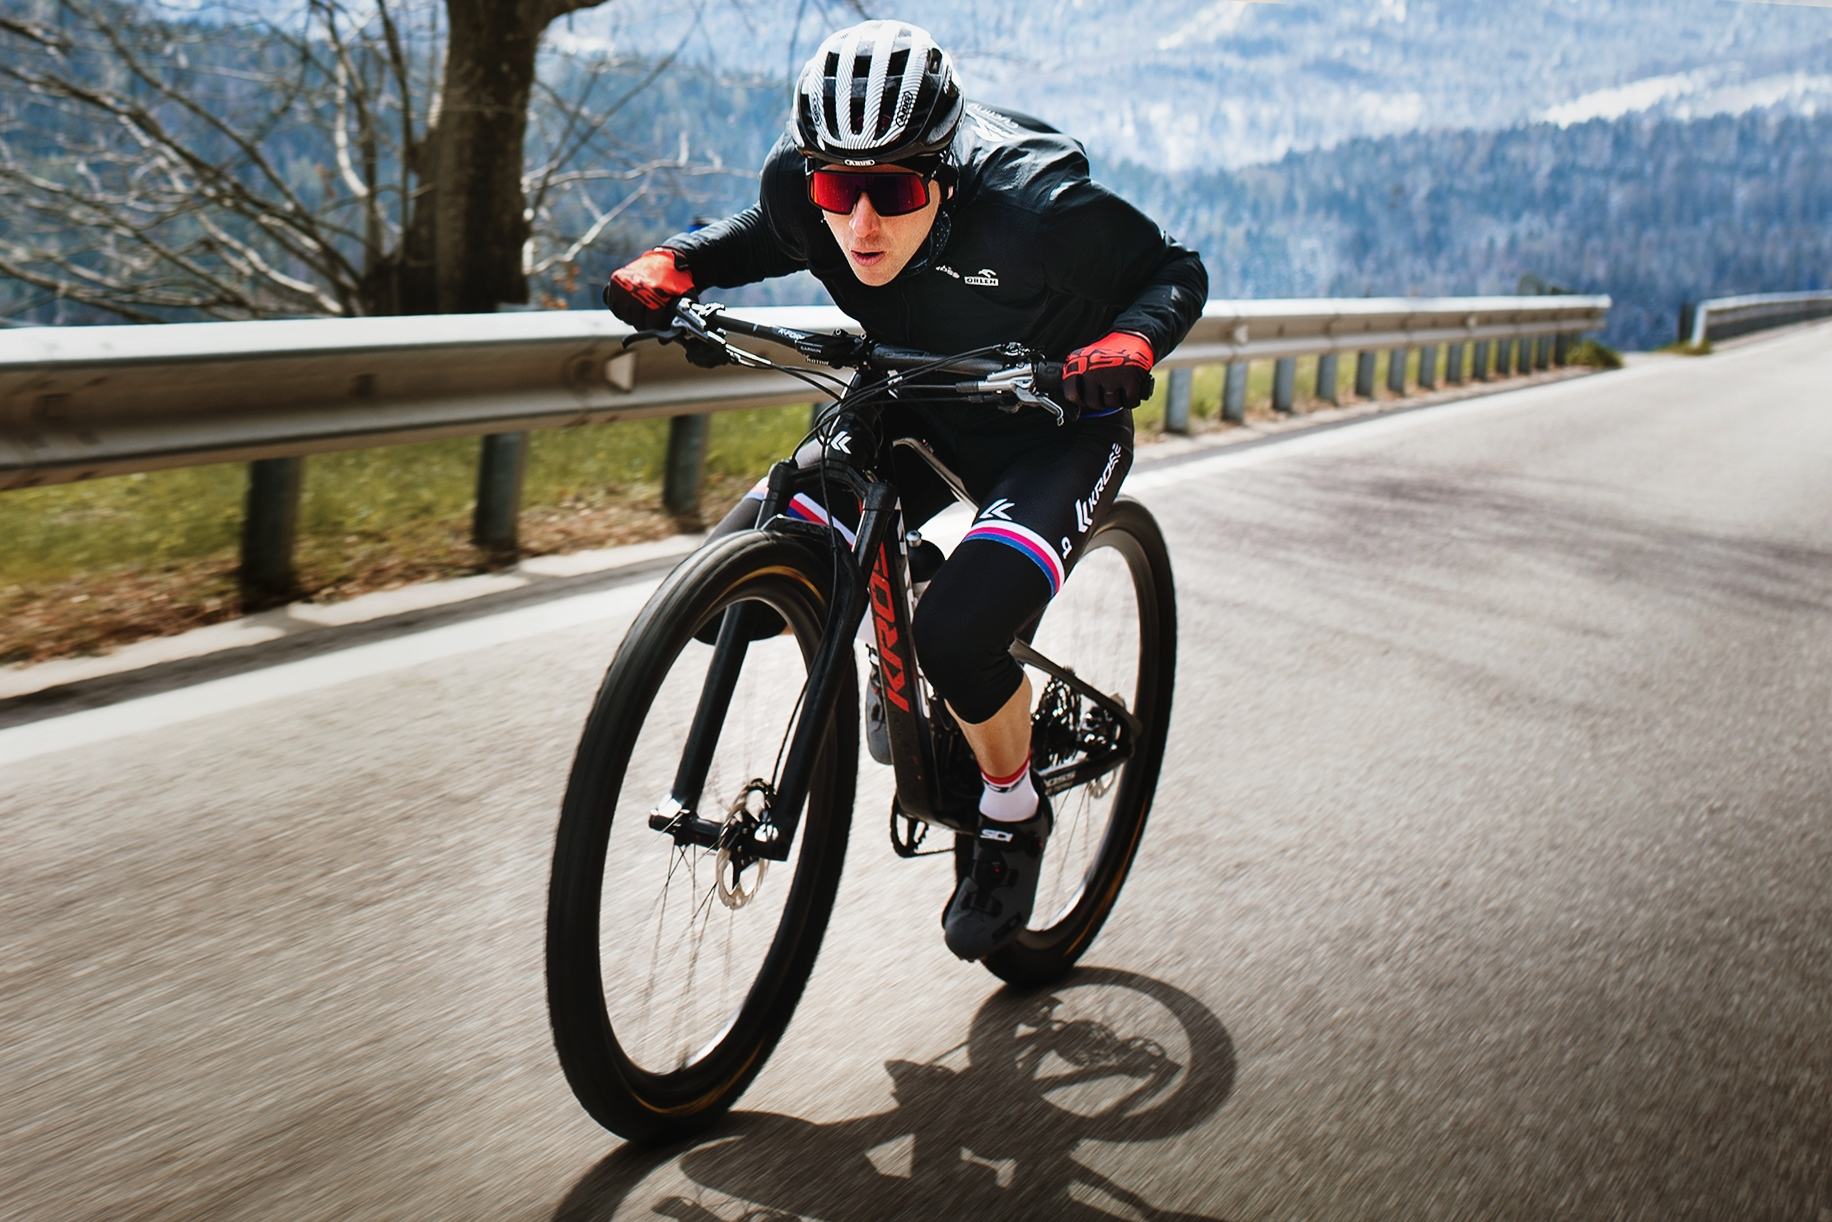 Ondřej Cink, český reprezentační biker, během tréninkového kempu v Nalles. Foto: Robin Nevřala (5x)